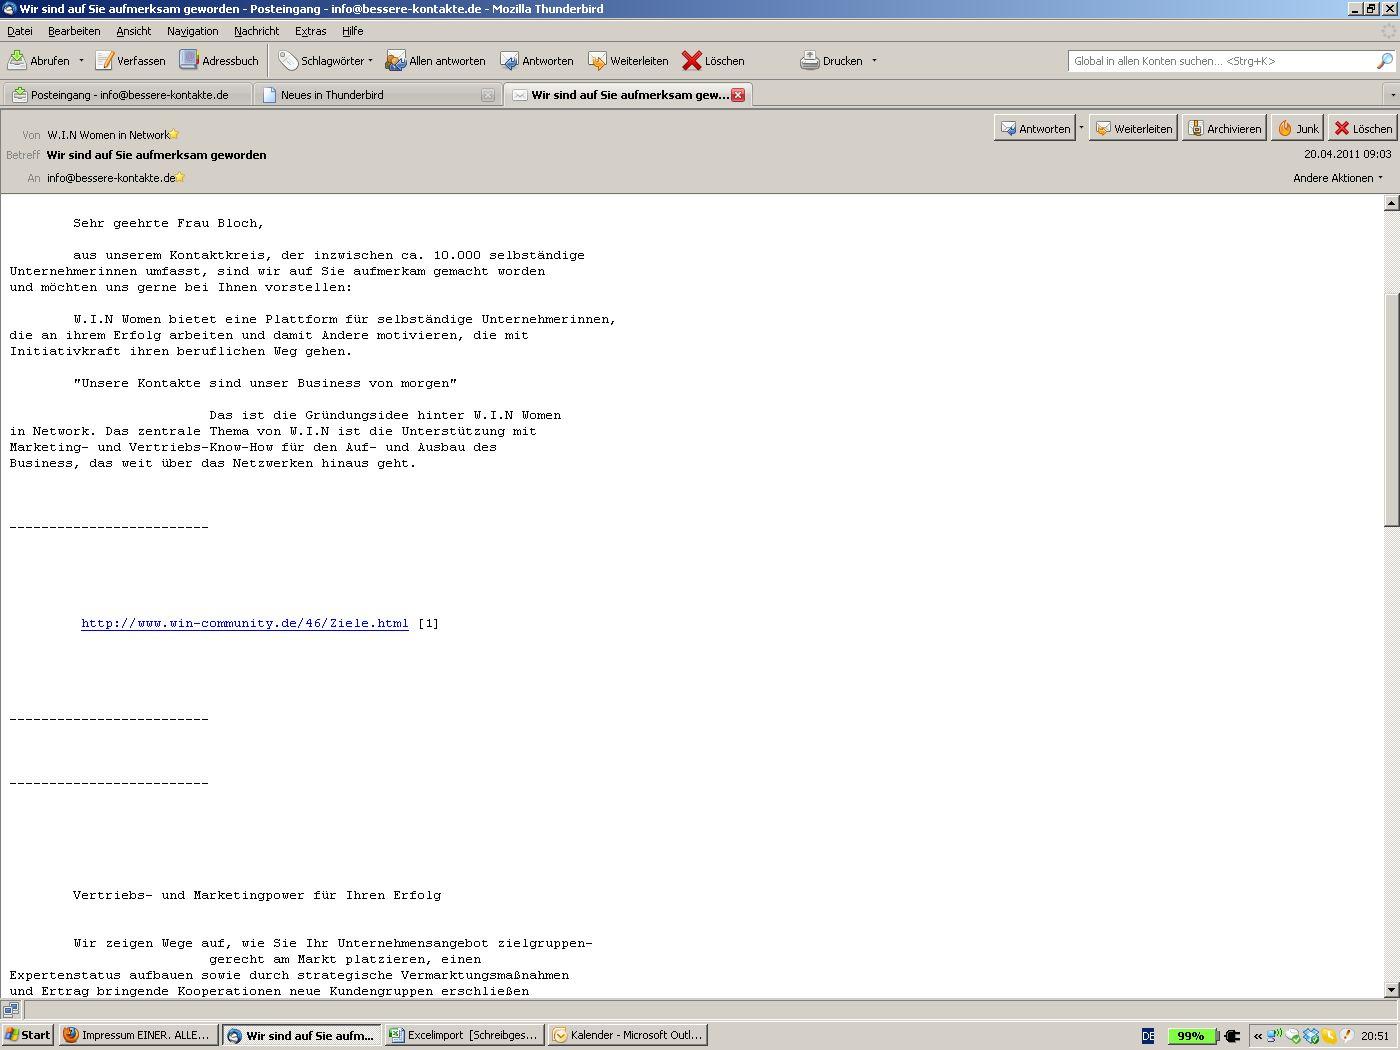 E-Mail marketing Archive - Akquiseblog - Artikel zur Akquise im B-2 ...